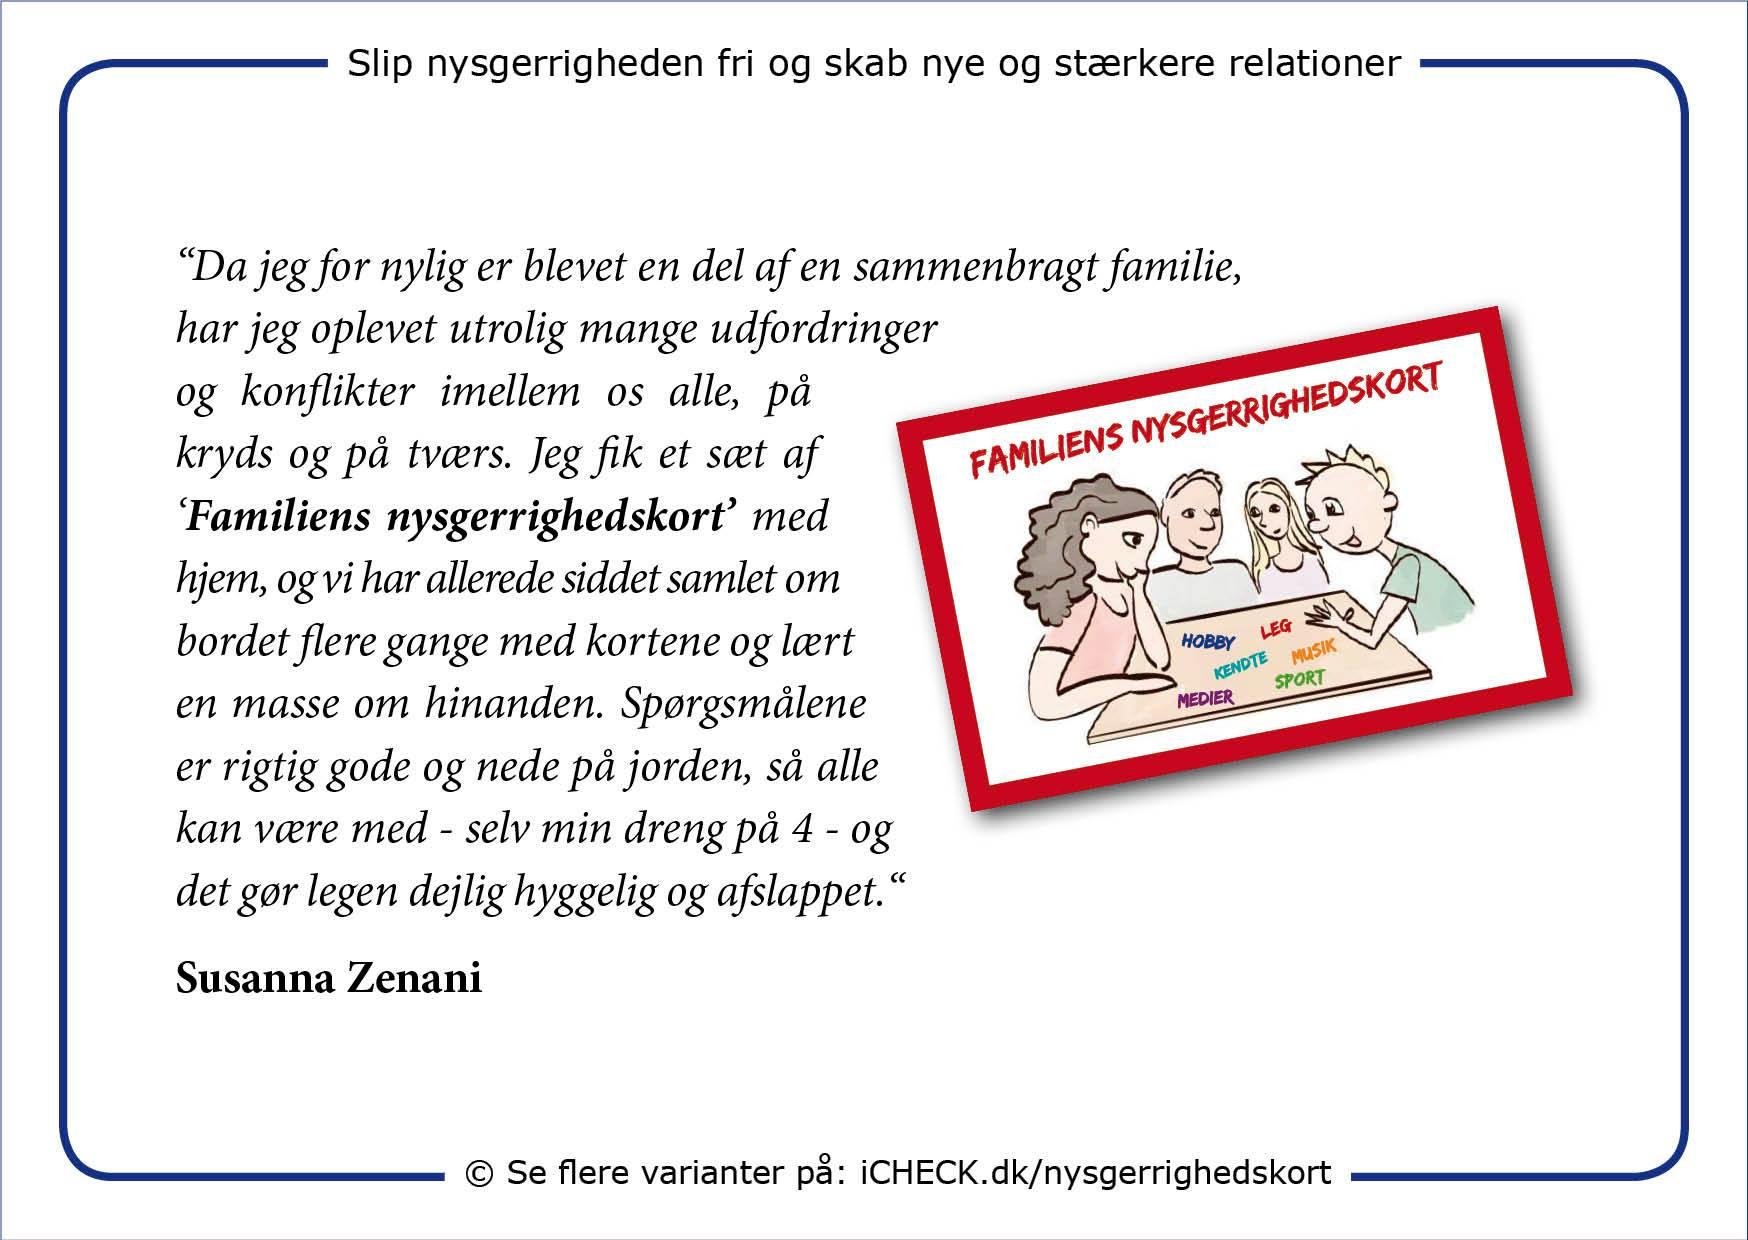 susanna-zenani-familie-nysgerrighedskort